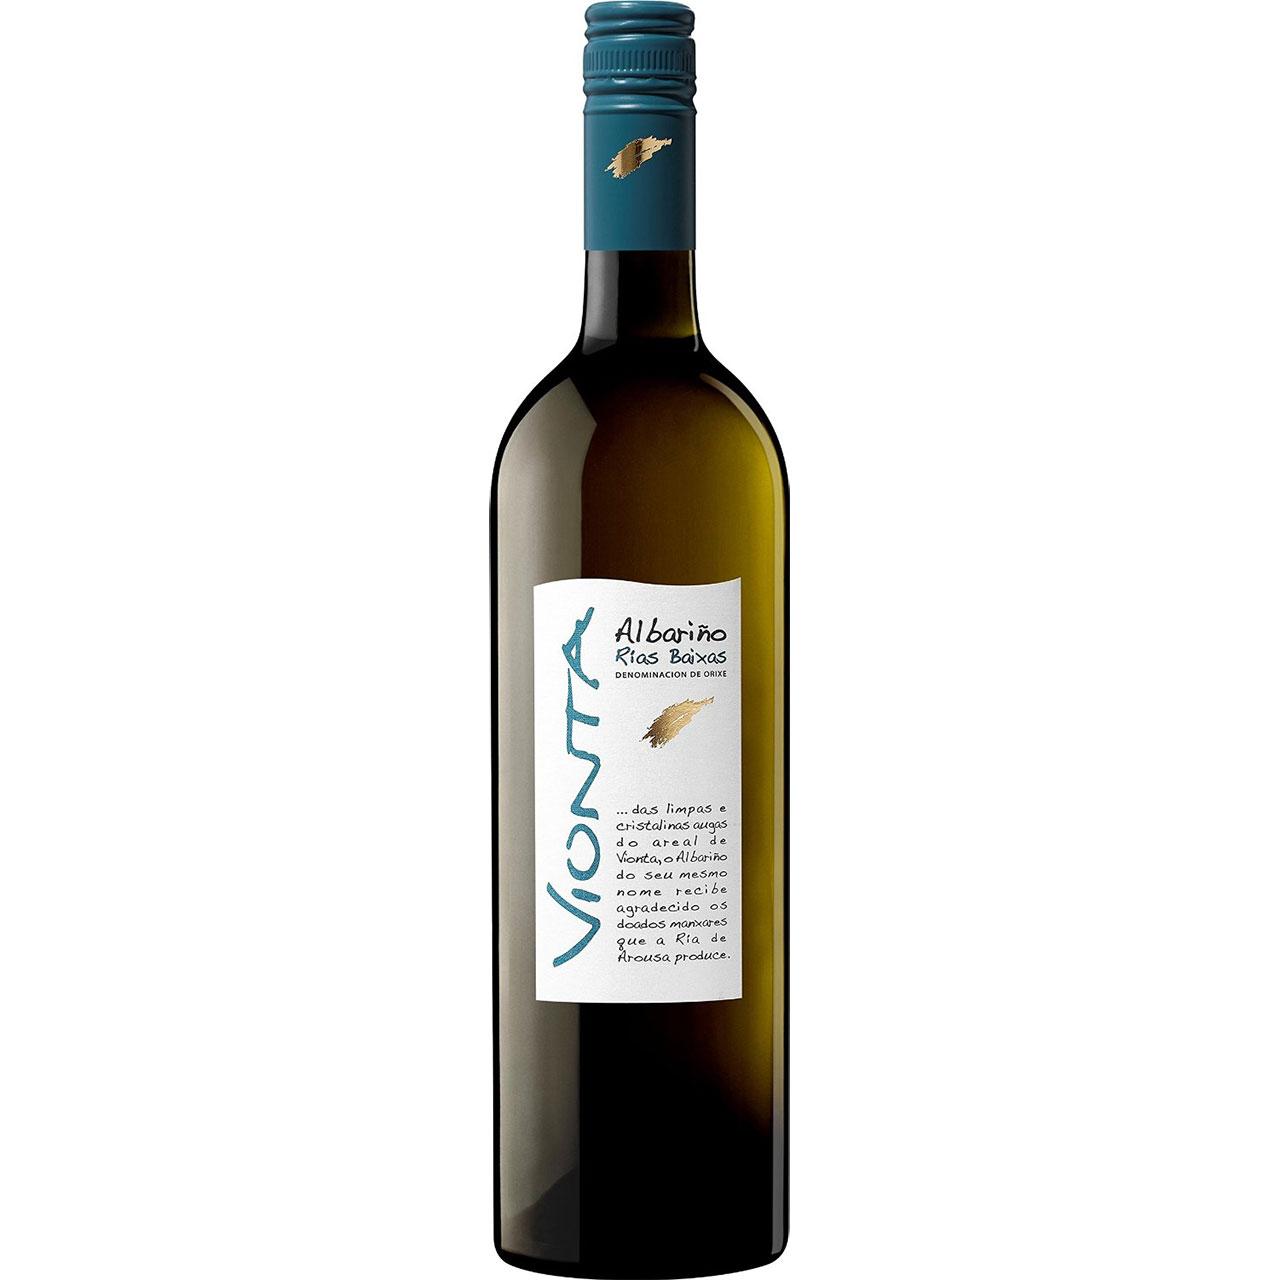 【ラッキーシール対応】母の日 ギフト ビオンタ アルバリーニョ 750ml 12本 ケース販売 スペイン 白ワイン 送料無料 ヴィンテージ管理しておりません、変わる場合があります